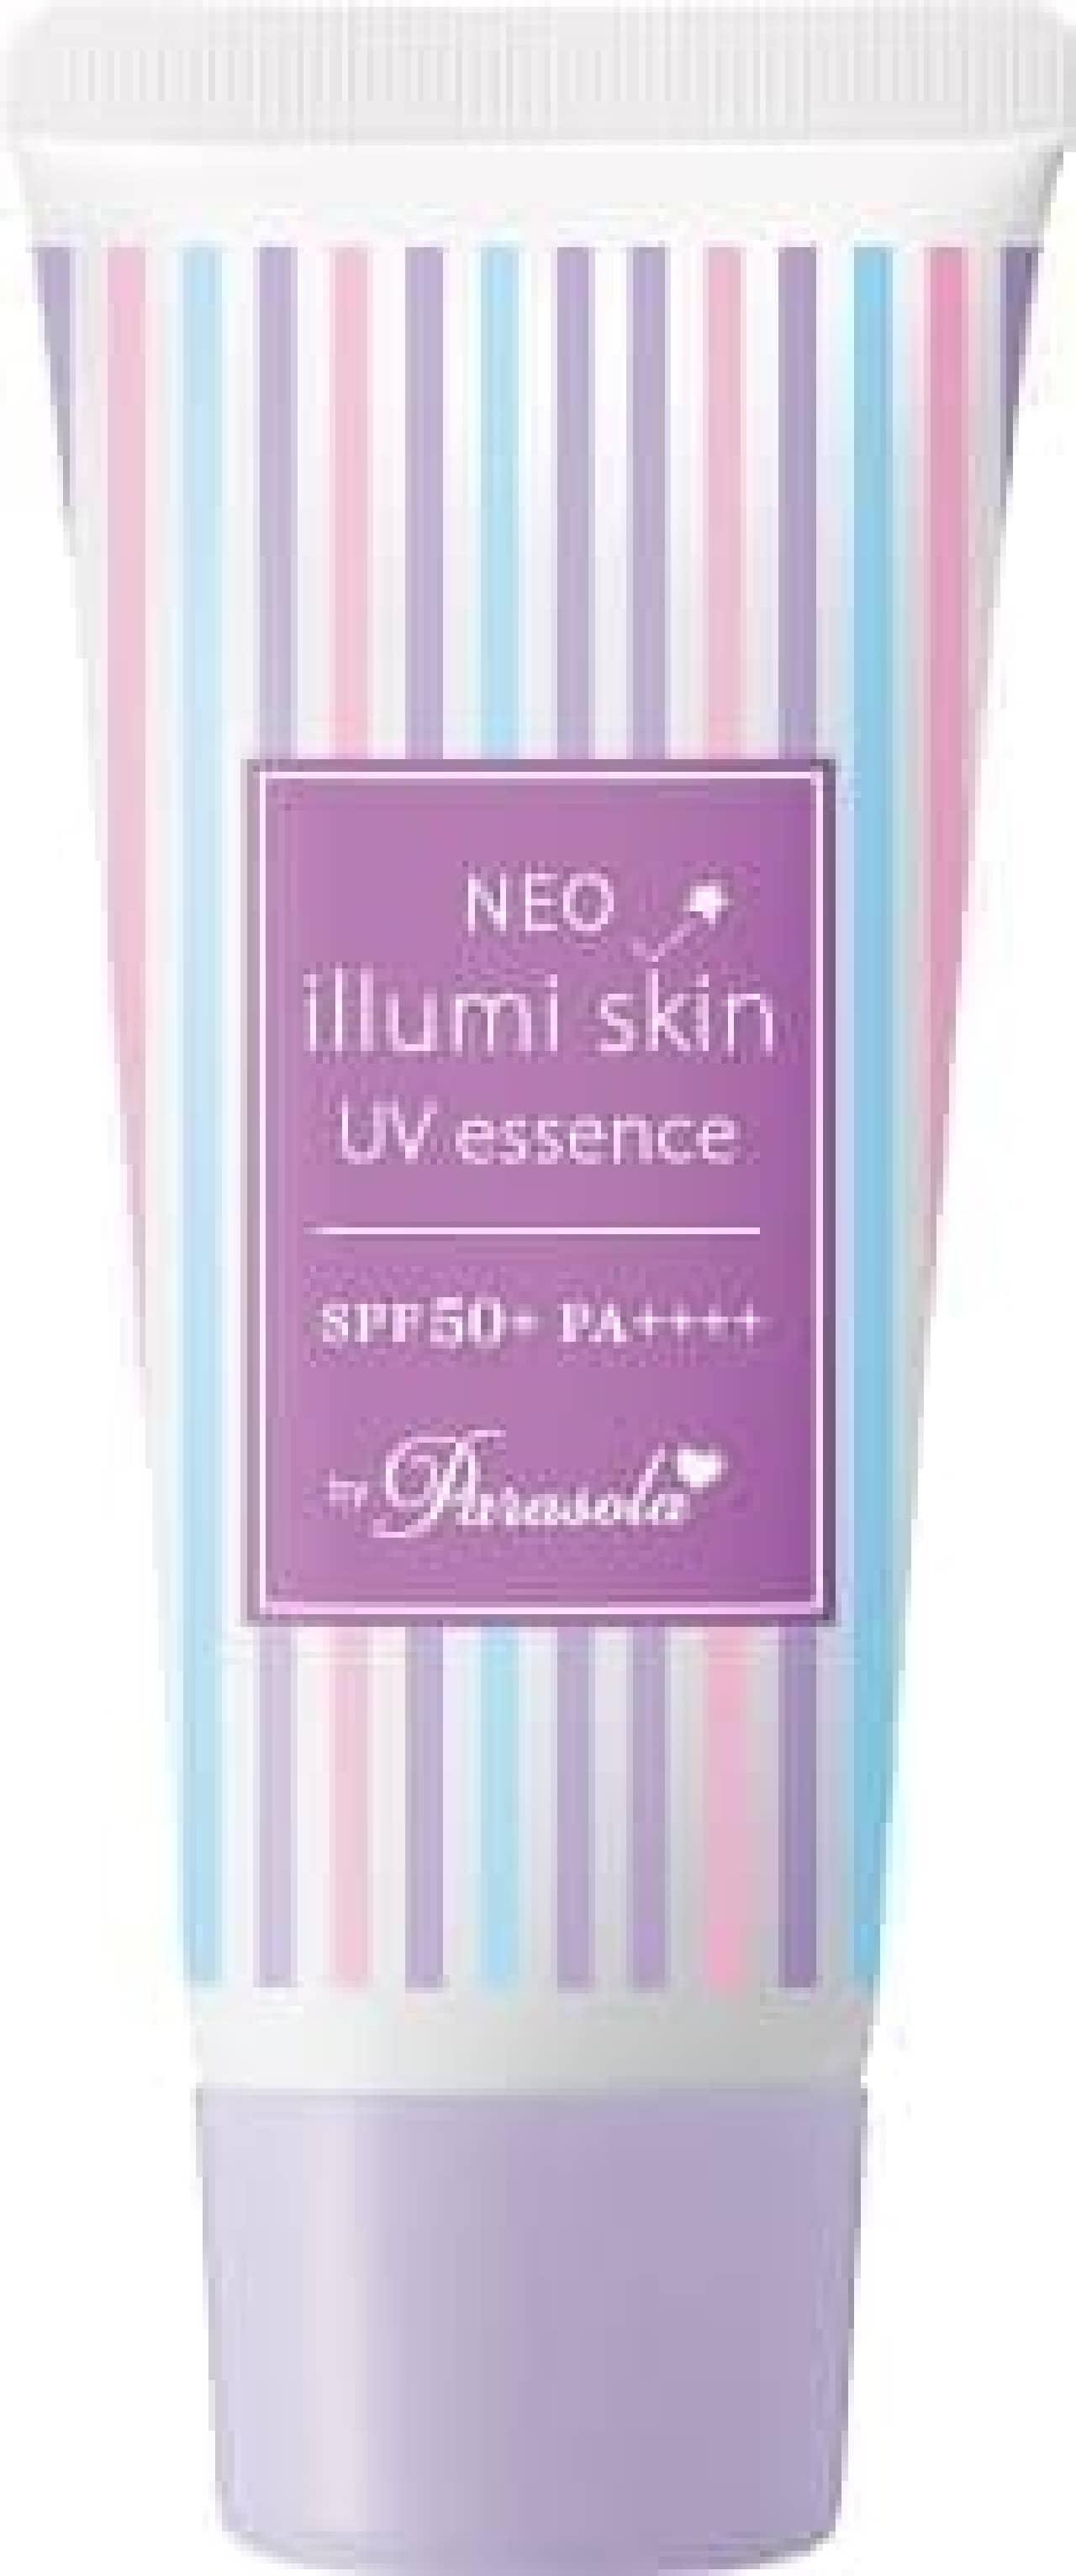 パラソーラ ネオイルミスキン UVエッセンス LV